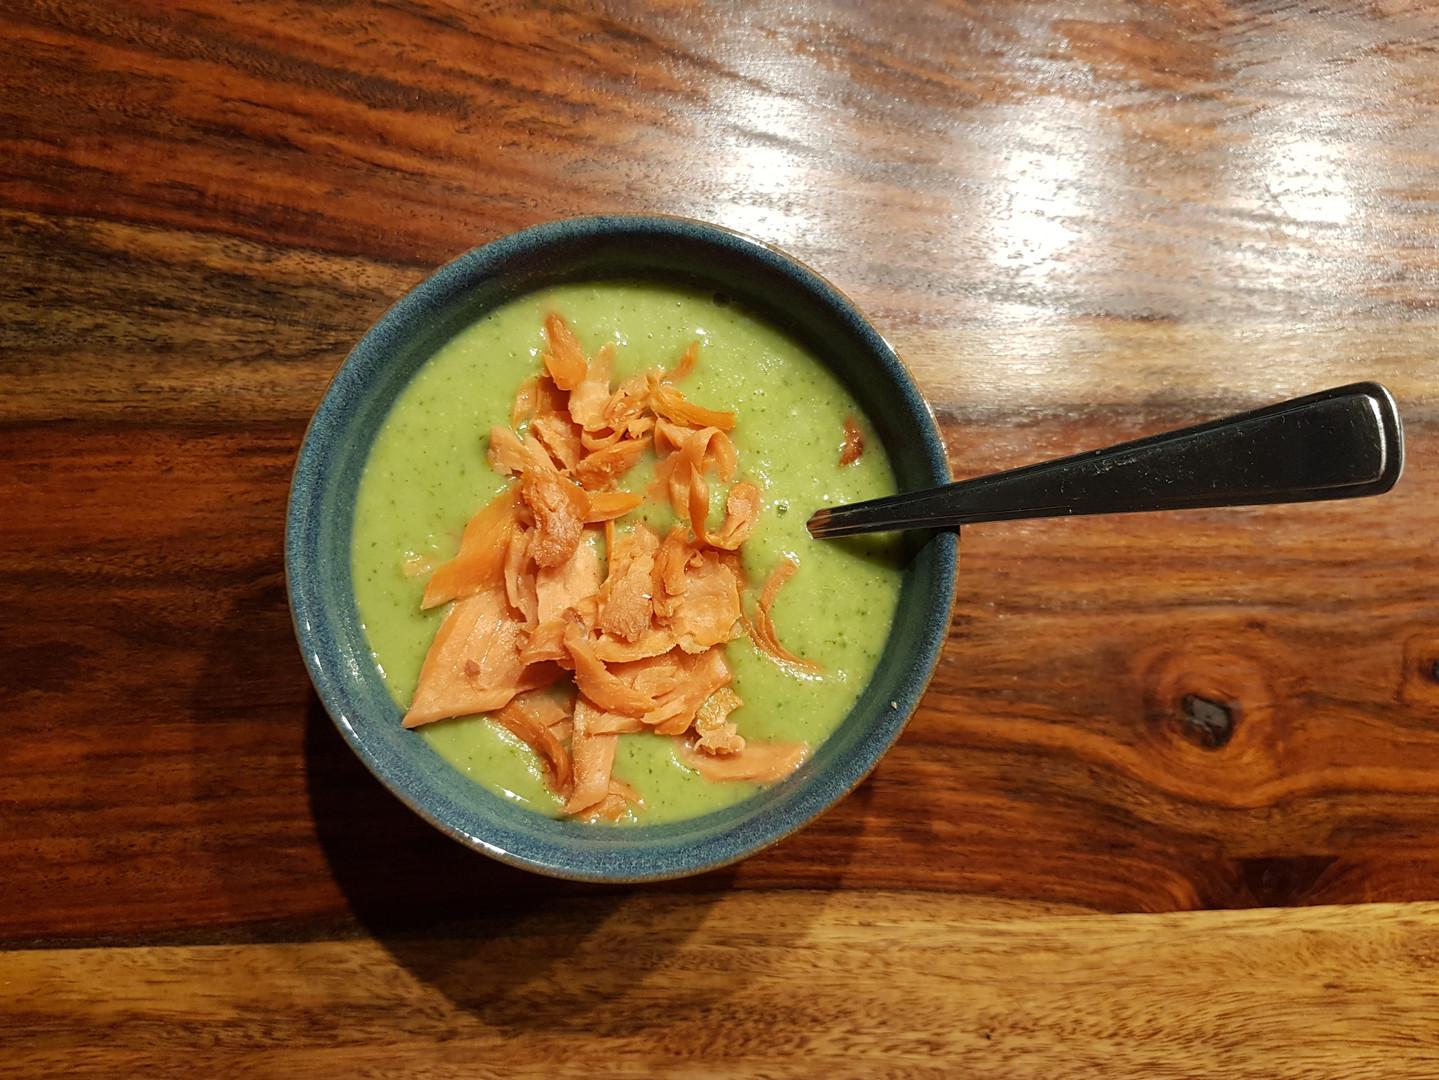 Broccoli Suppe mit Rauchlachs.jpg